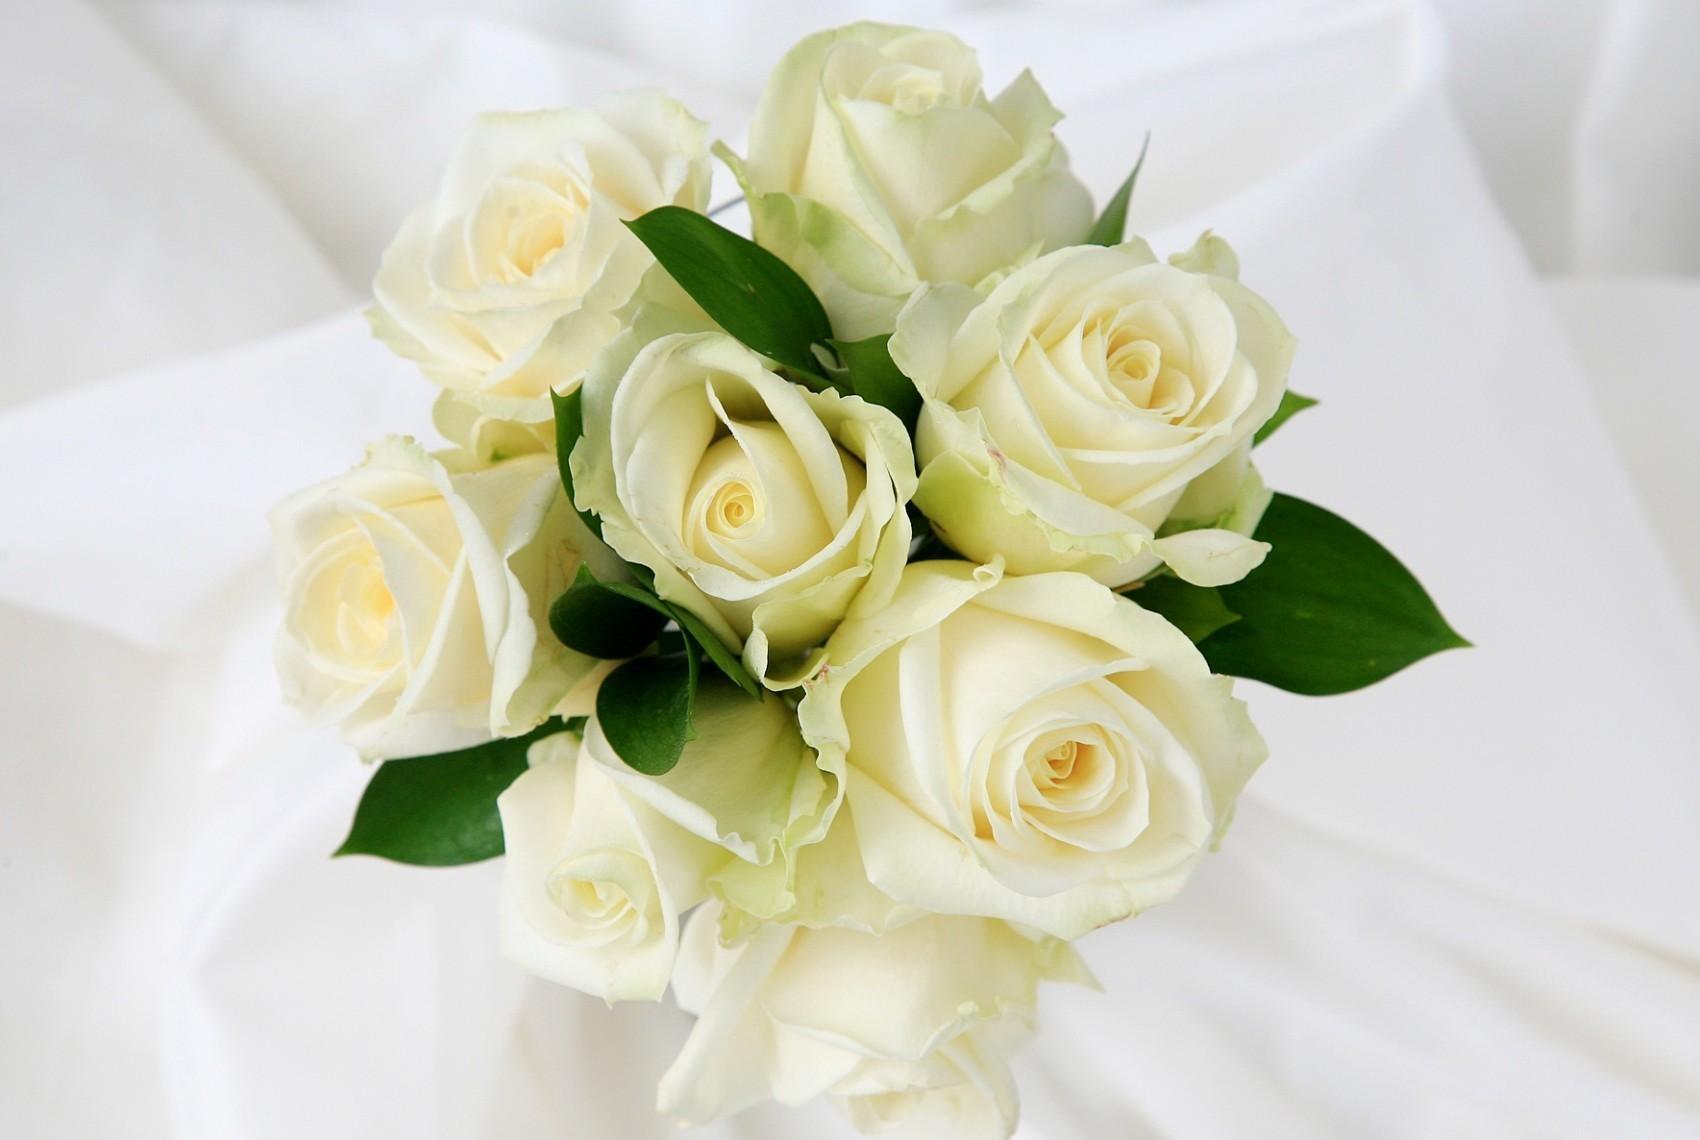 132067 скачать Белые обои на телефон бесплатно, Цветы, Розы, Букет, Нежность Белые картинки и заставки на мобильный